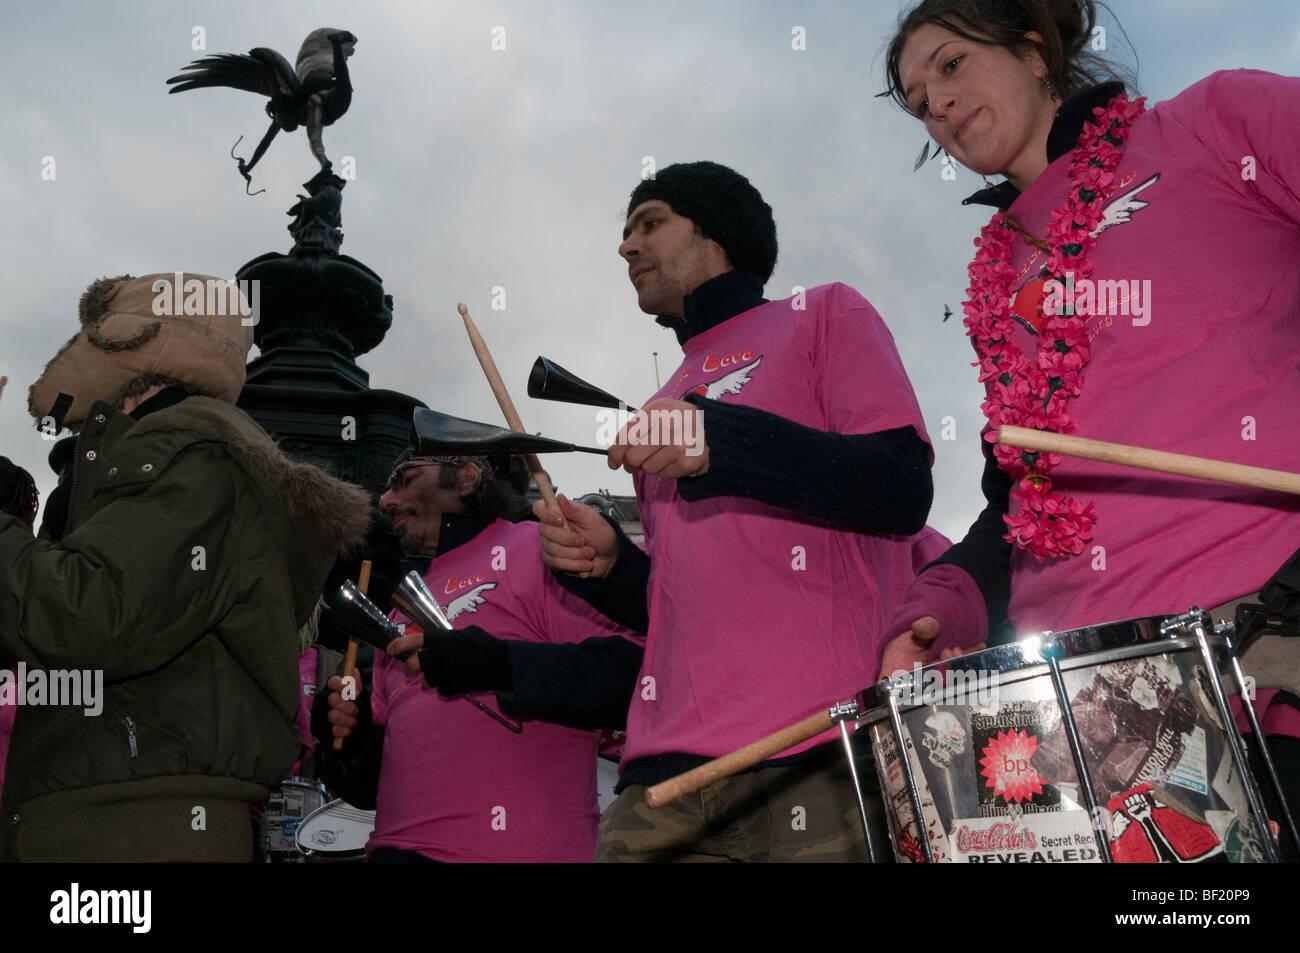 Récupérer l'amour Parti Valentines à Piccadilly Circus, célèbre l'amour contre le consumérisme. Rythmes de Resistance & Eros Banque D'Images